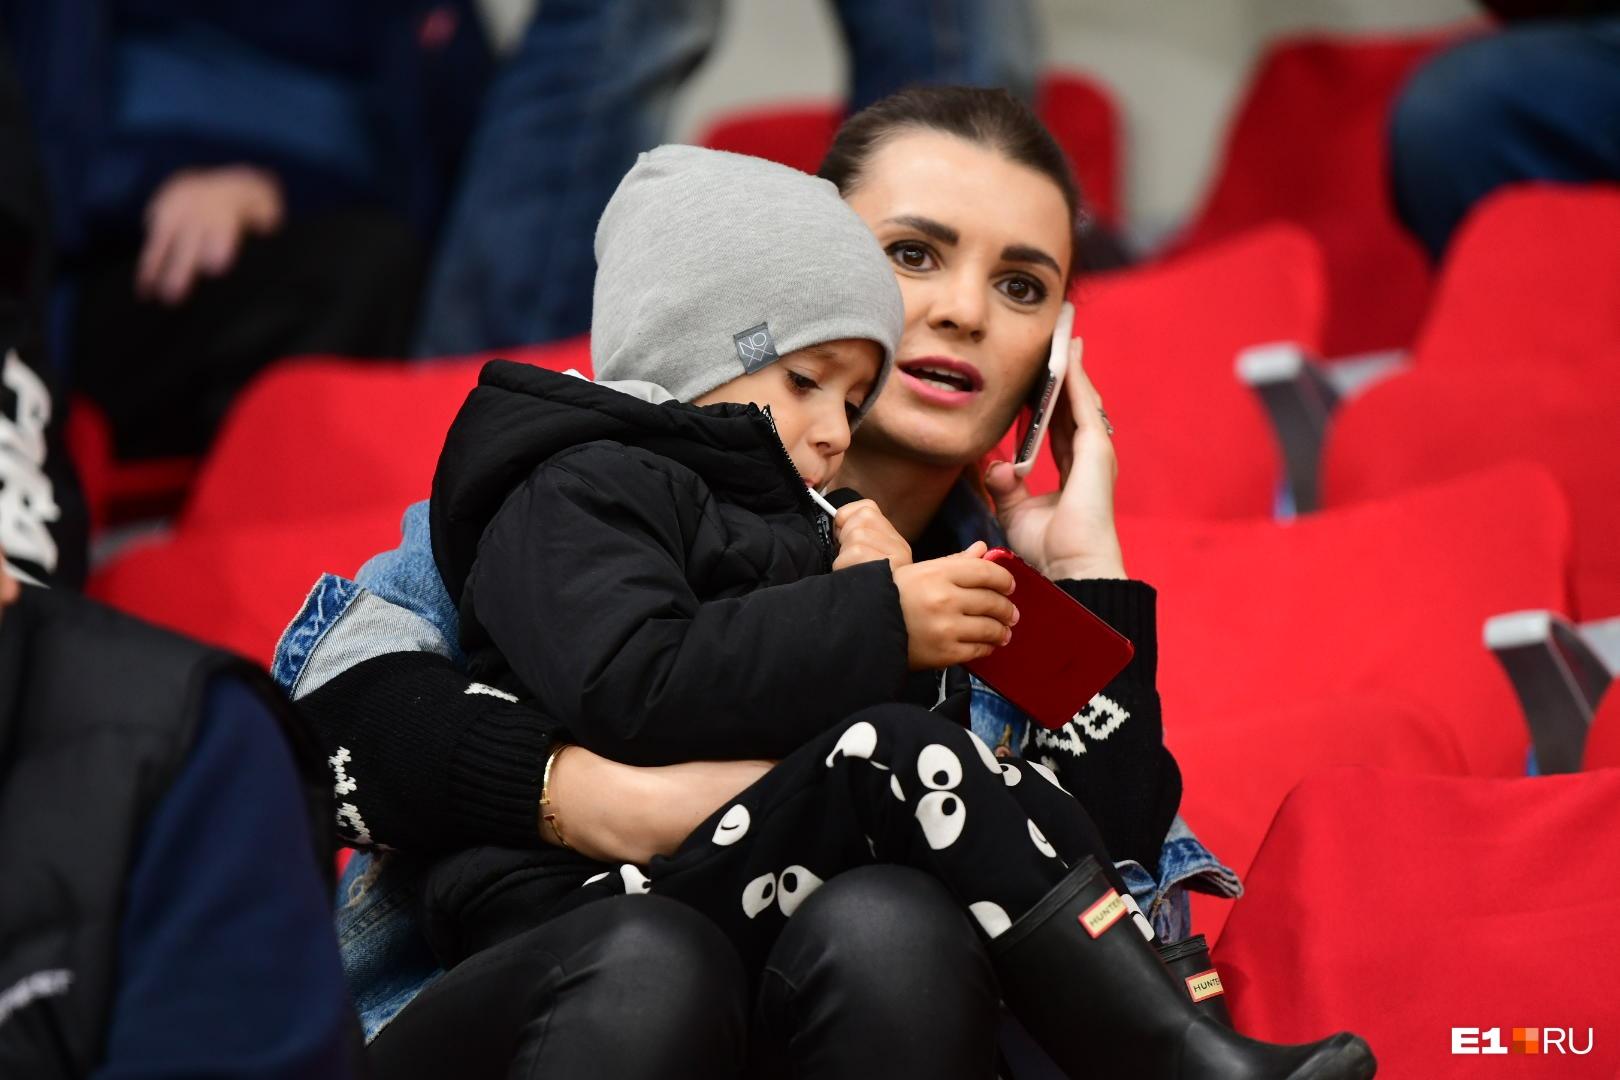 Когда семья Якуба в Екатеринбурге, они ходят на все матчи